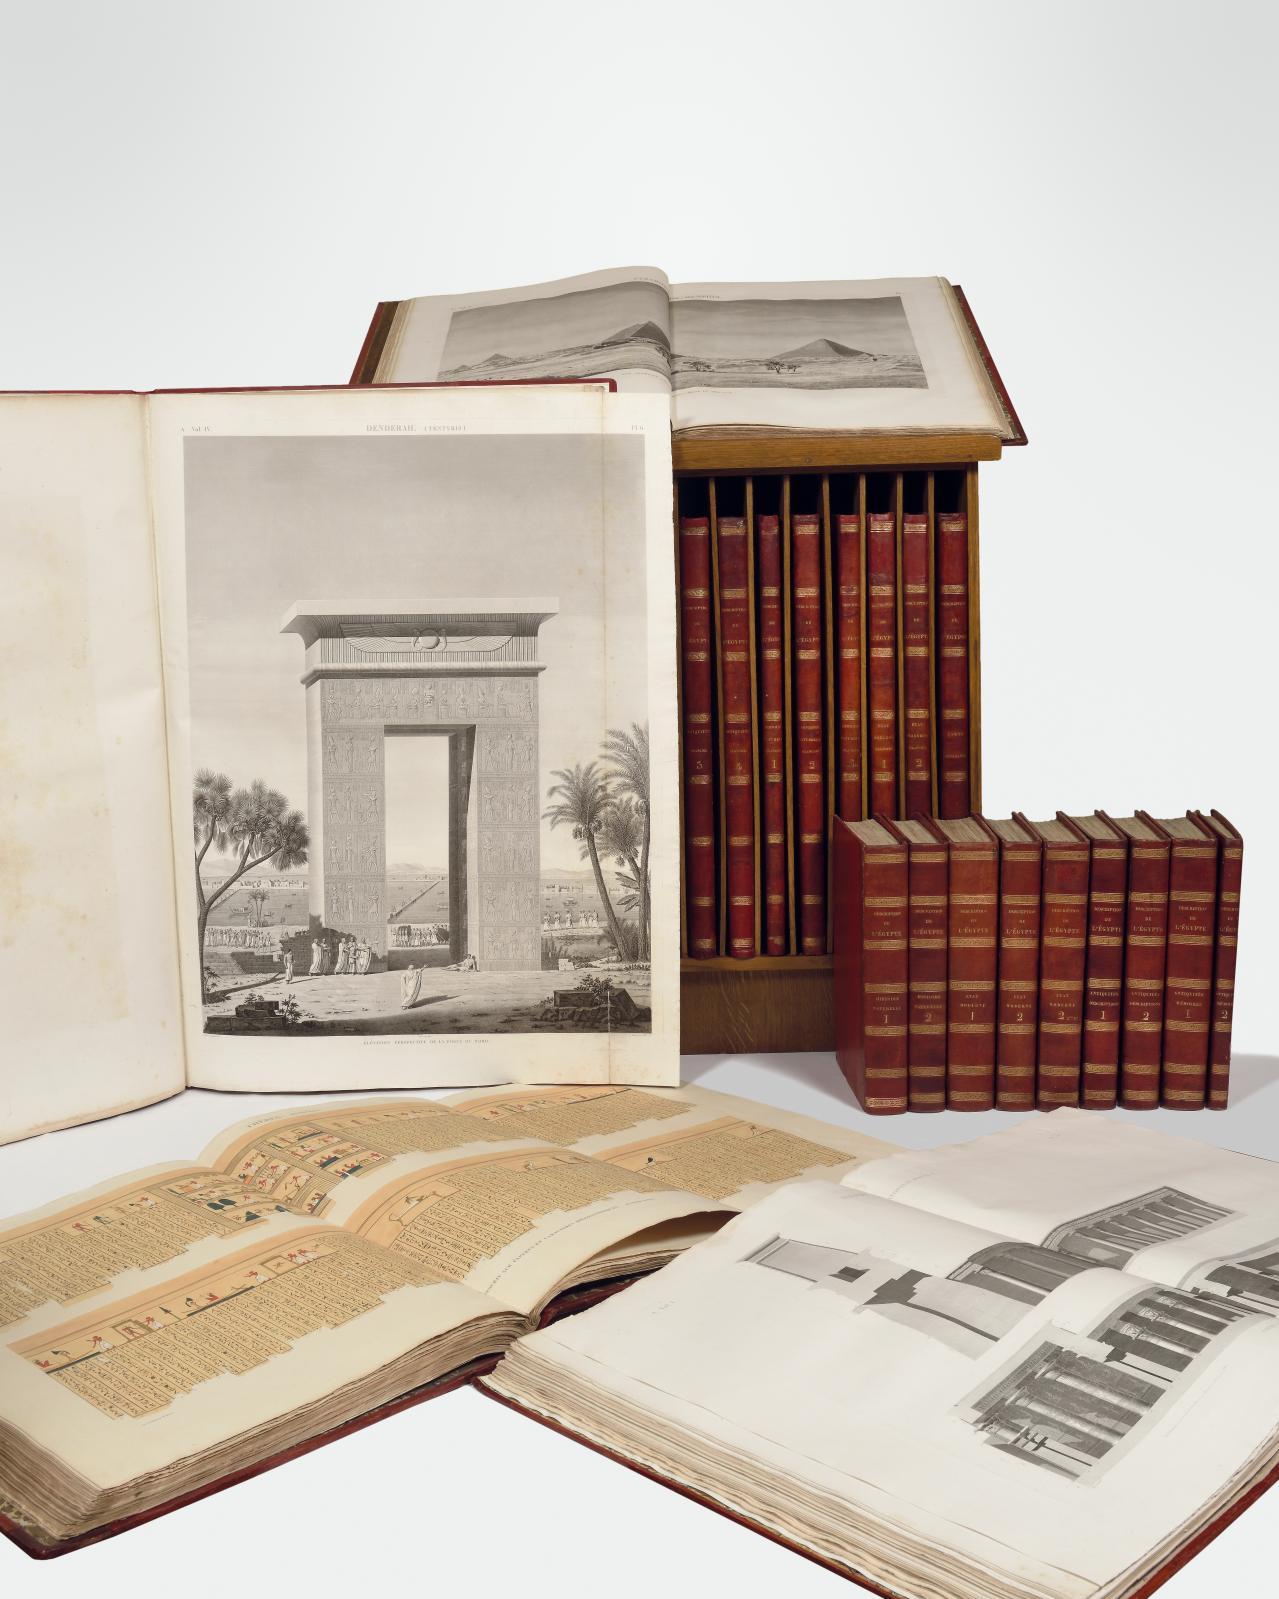 Alors que l'exposition «Toutânkhamon», vient d'ouvrir ses portes à Paris pour célébrer le centenaire de la découverte du tombeau royal, cette Descript